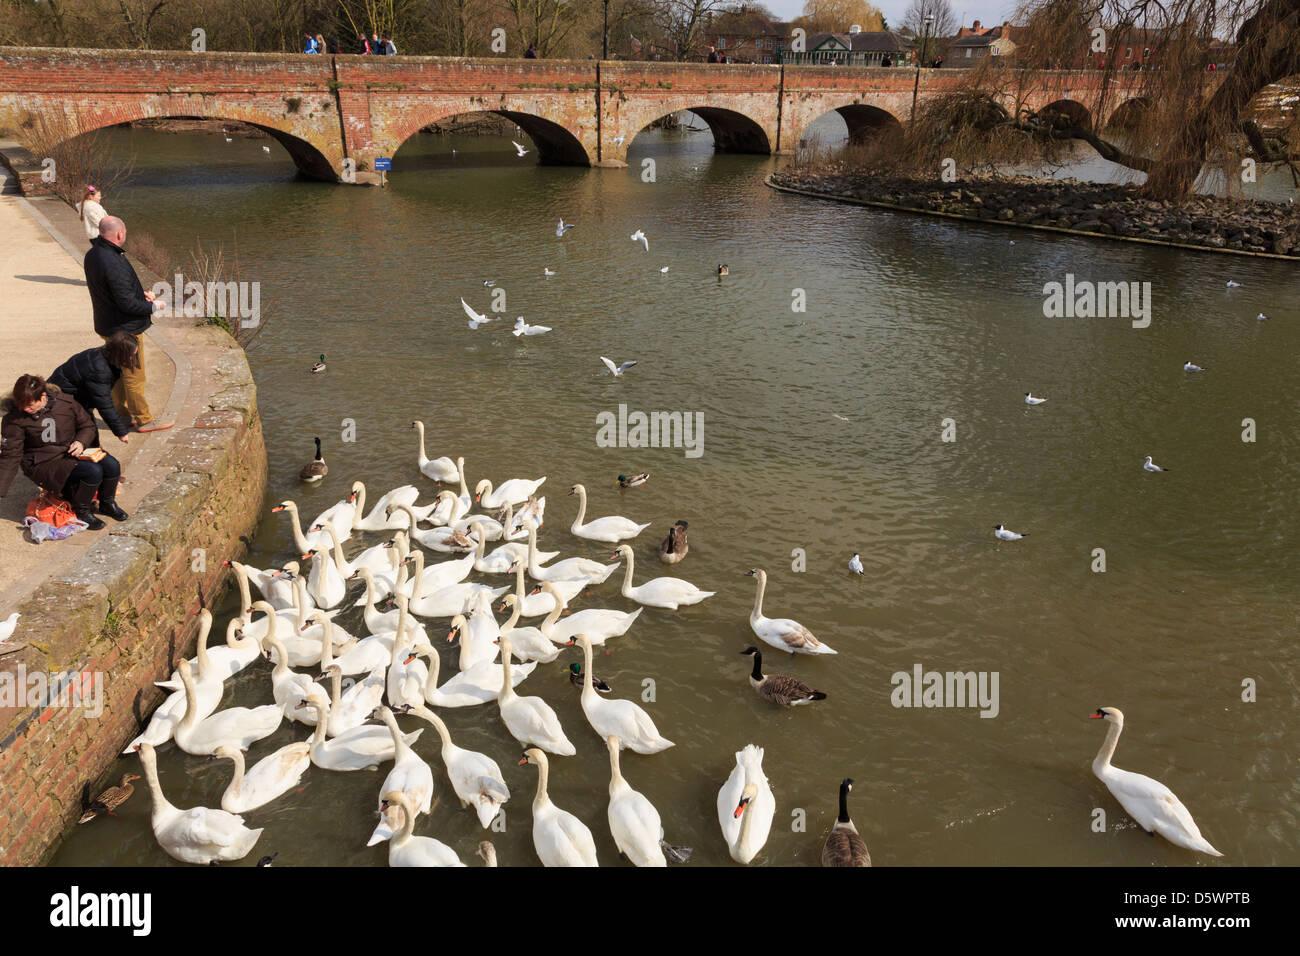 People feeding Swans on River Avon by Tramway bridge at Stratford-upon-Avon, Warwickshire, England, UK, Britain - Stock Image